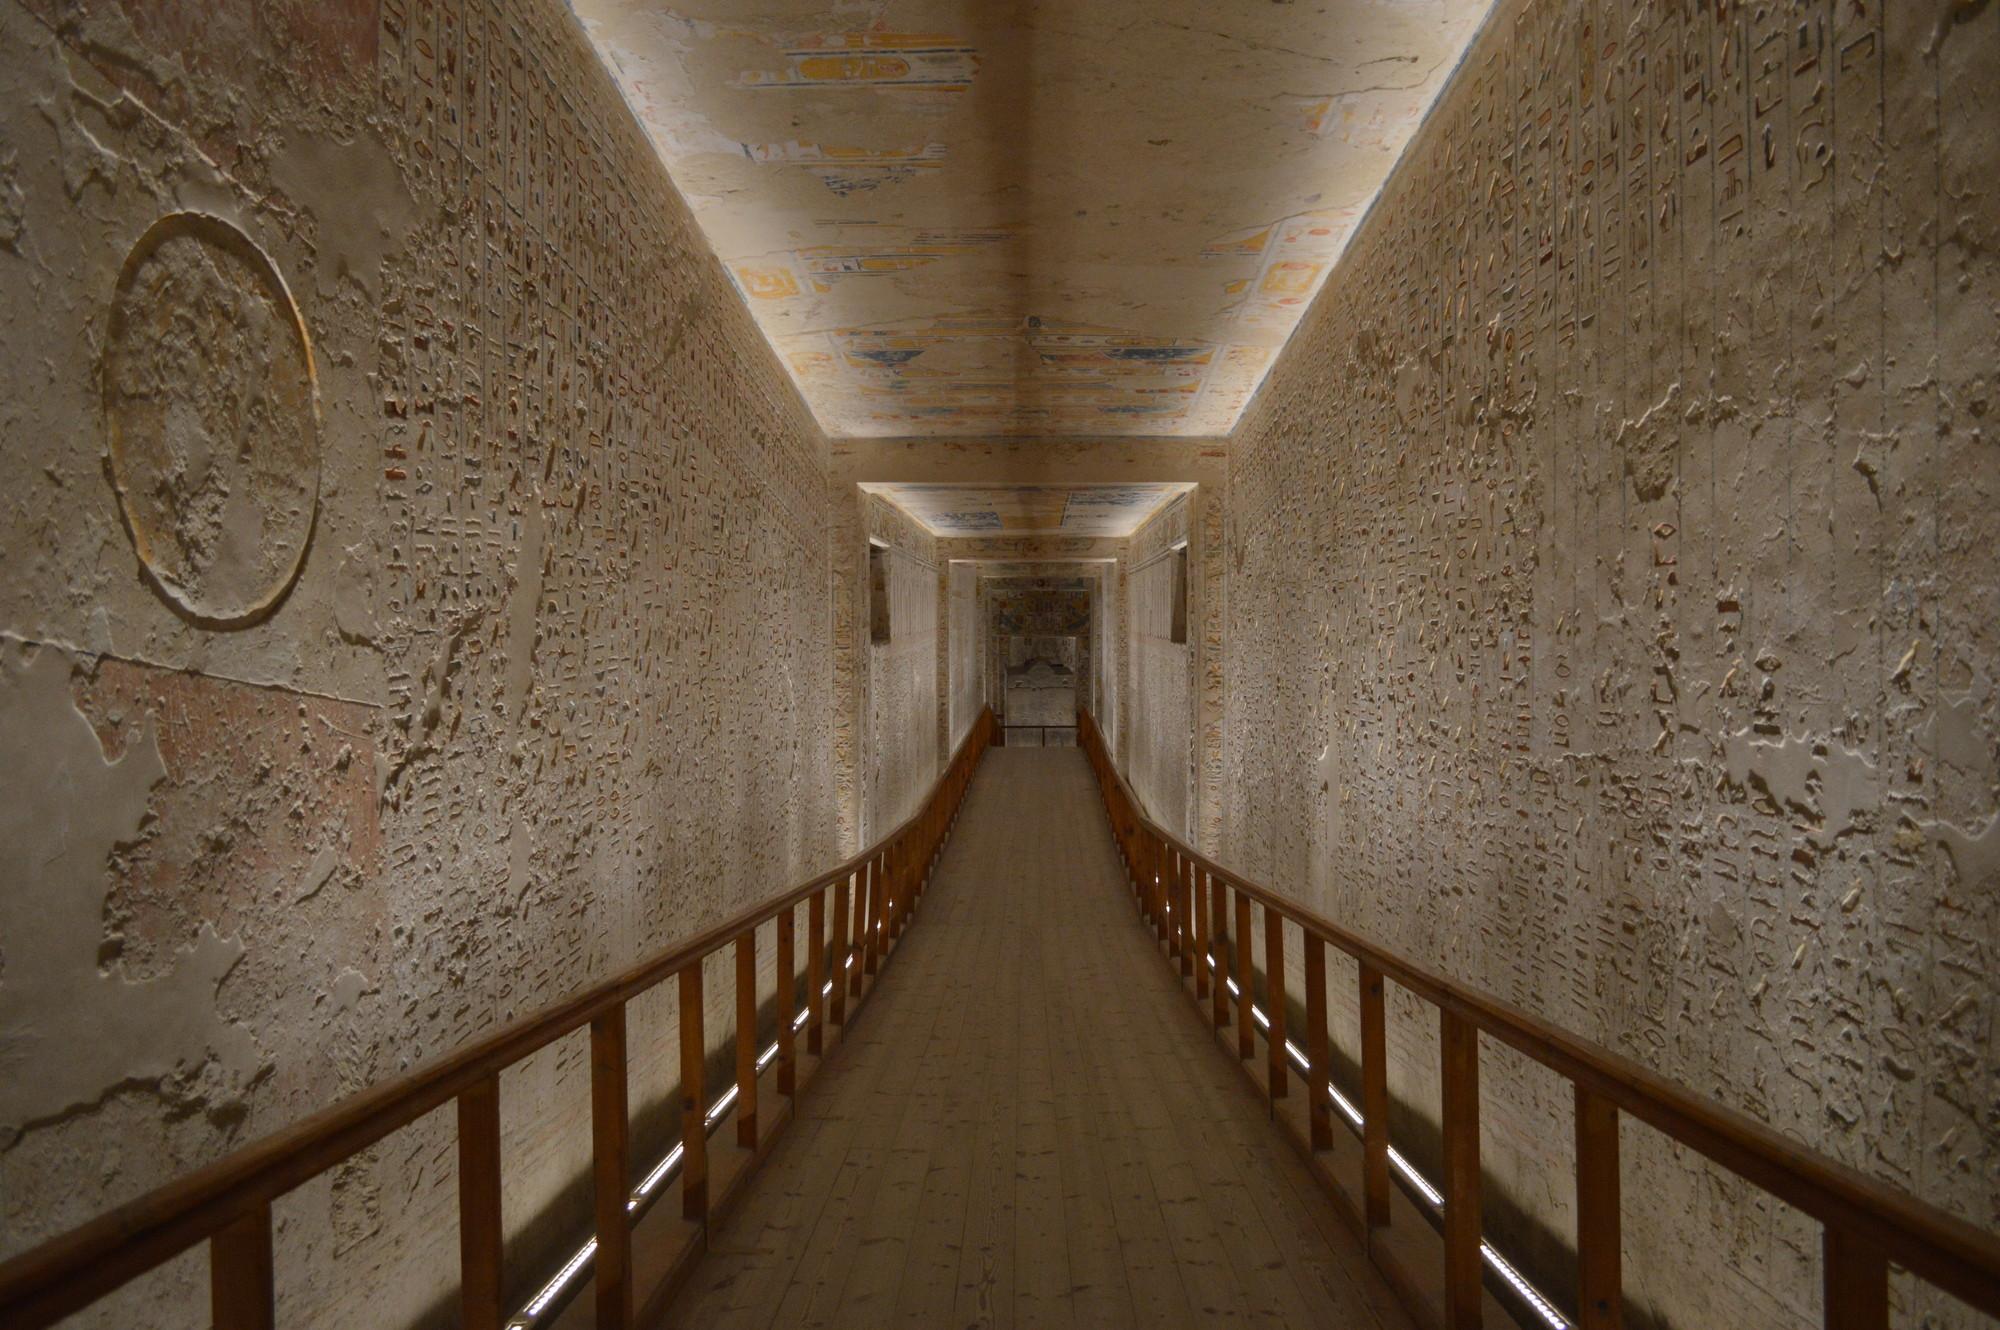 Parte 1: Iluminación Monumental y Artística de Templos y Tumbas del Egipto Faraónico por ACXT/ IDOM, Cortesia de acxt